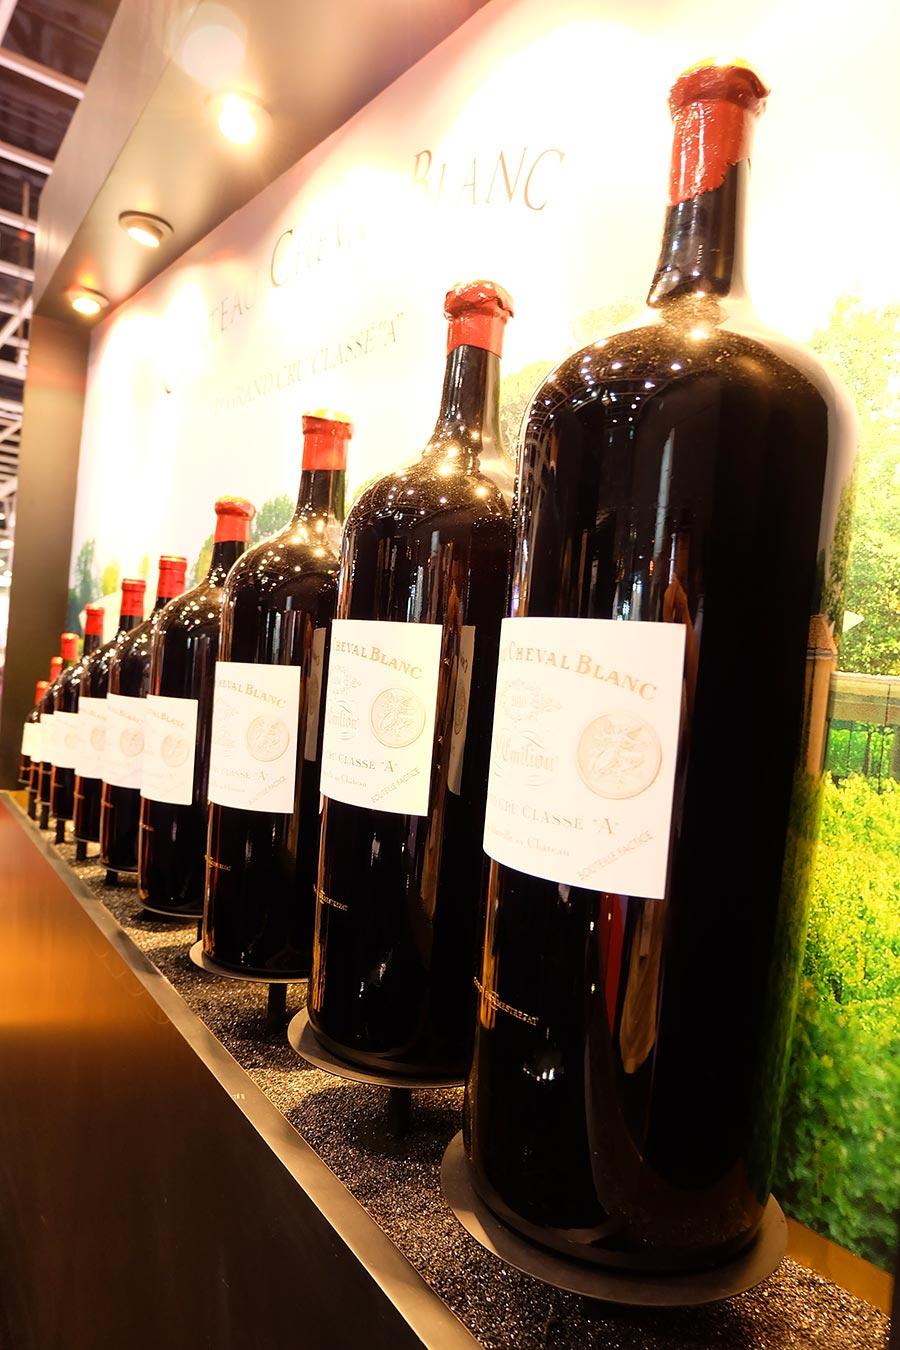 2014智利葡萄酒年鉴即将发布,由南美知名葡萄酒专栏作家patricio图片